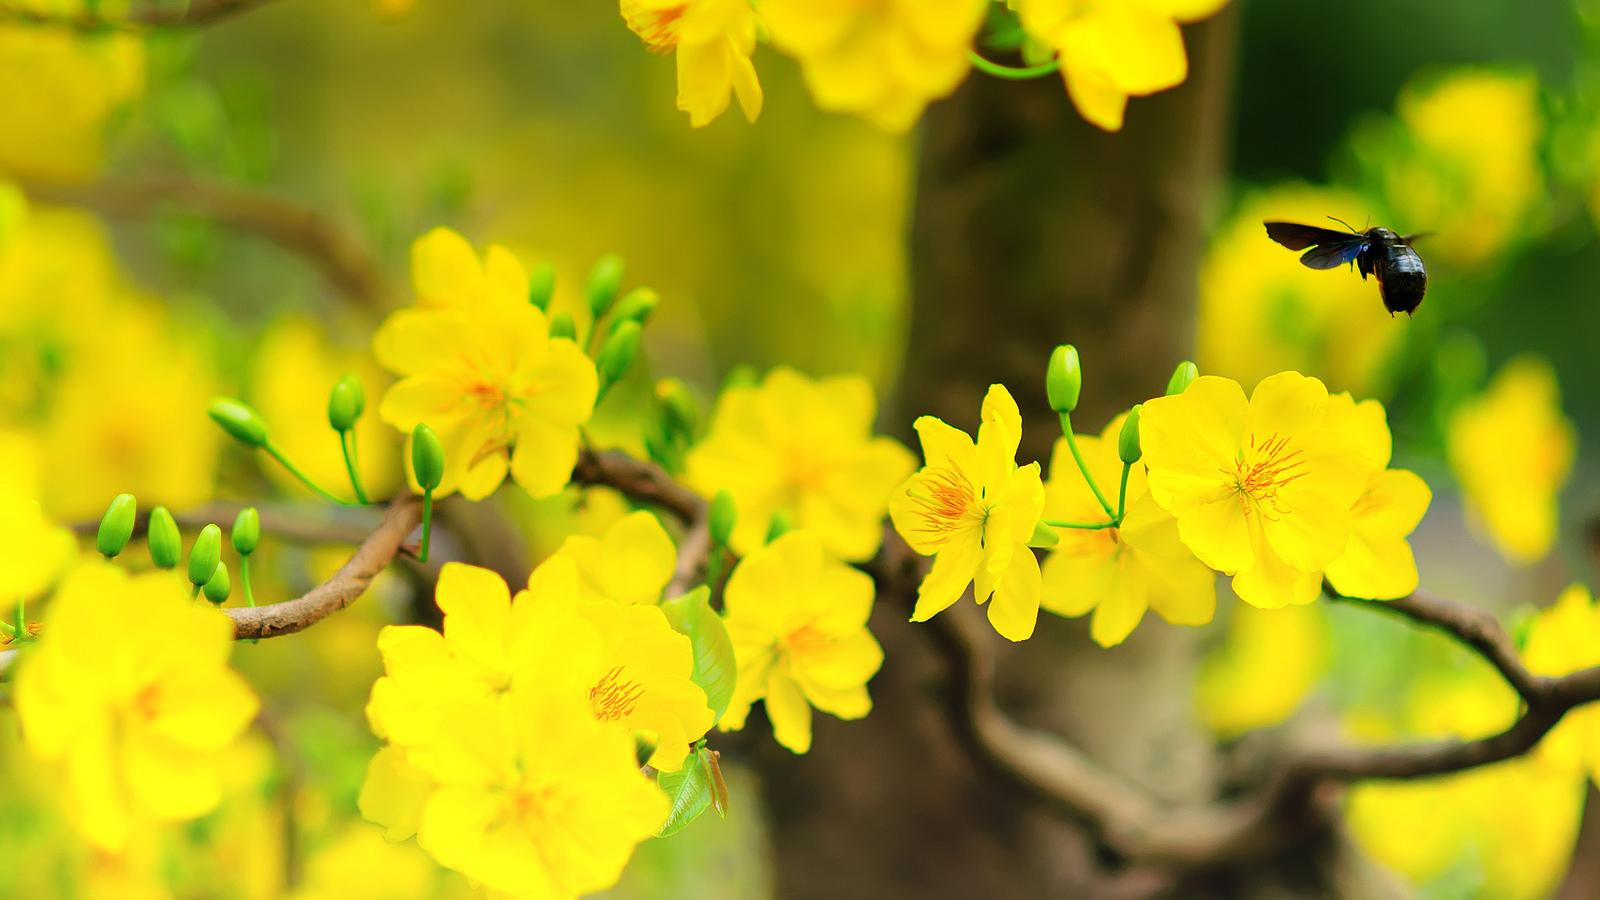 Đời người như đời hoa (Thứ Tư Lễ tro)